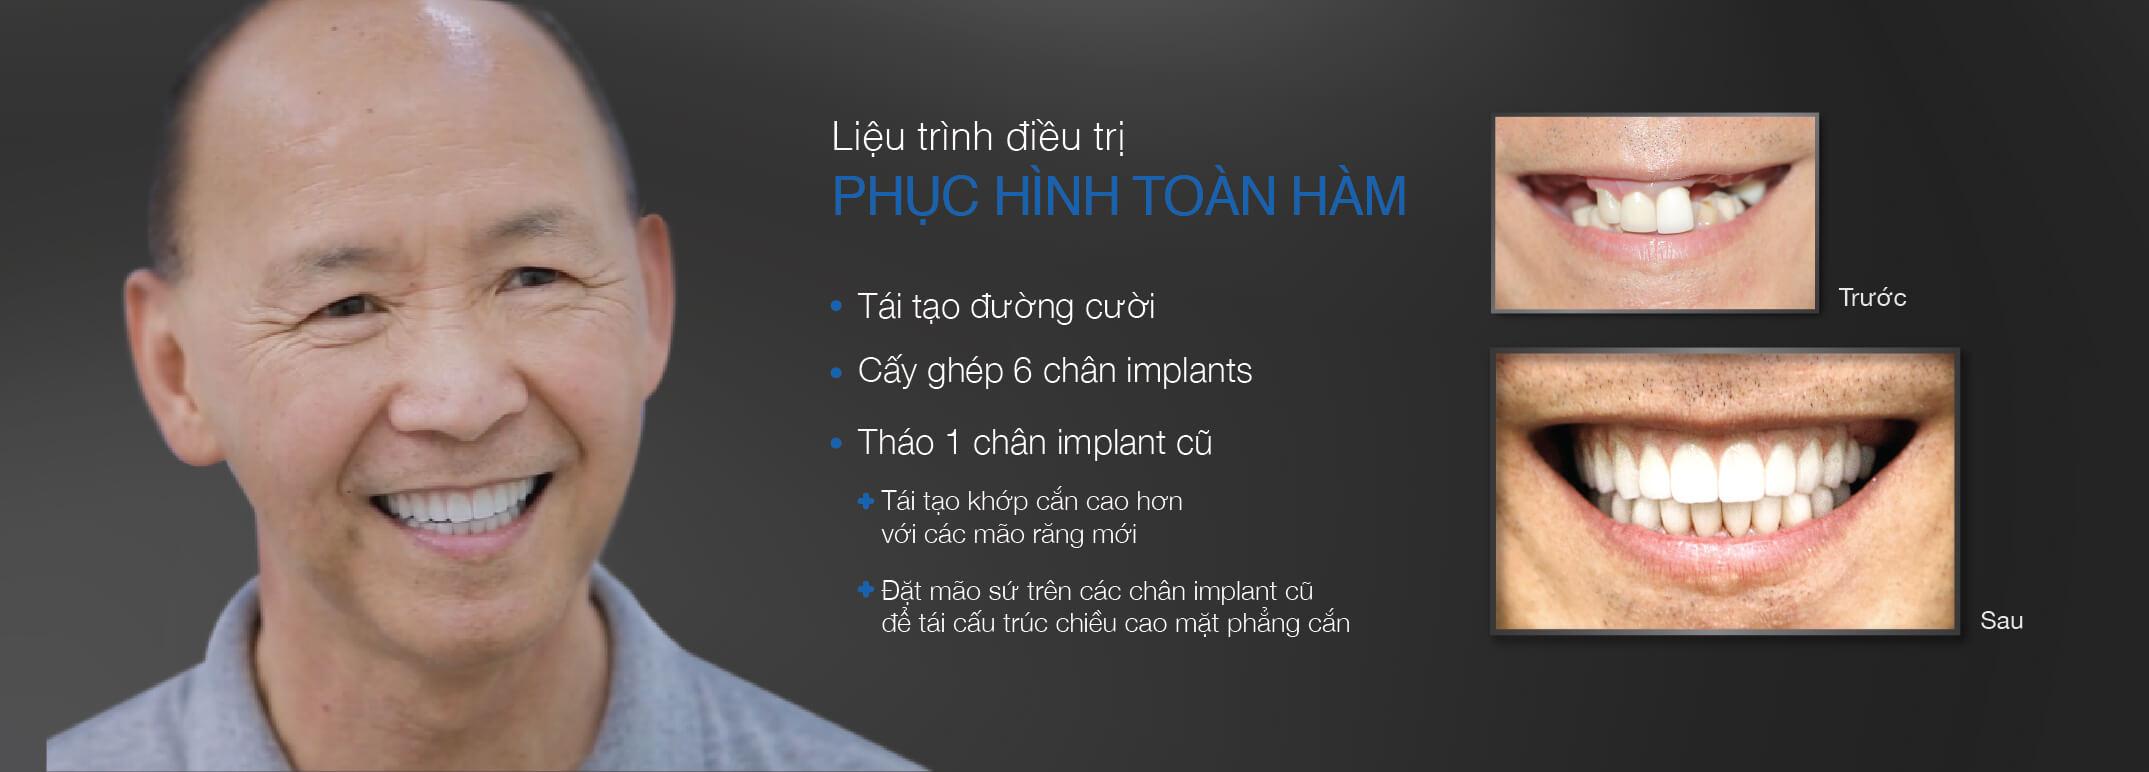 lieu-trinh-phuc-hinh-toan-ham-benh-nhan-westcoast